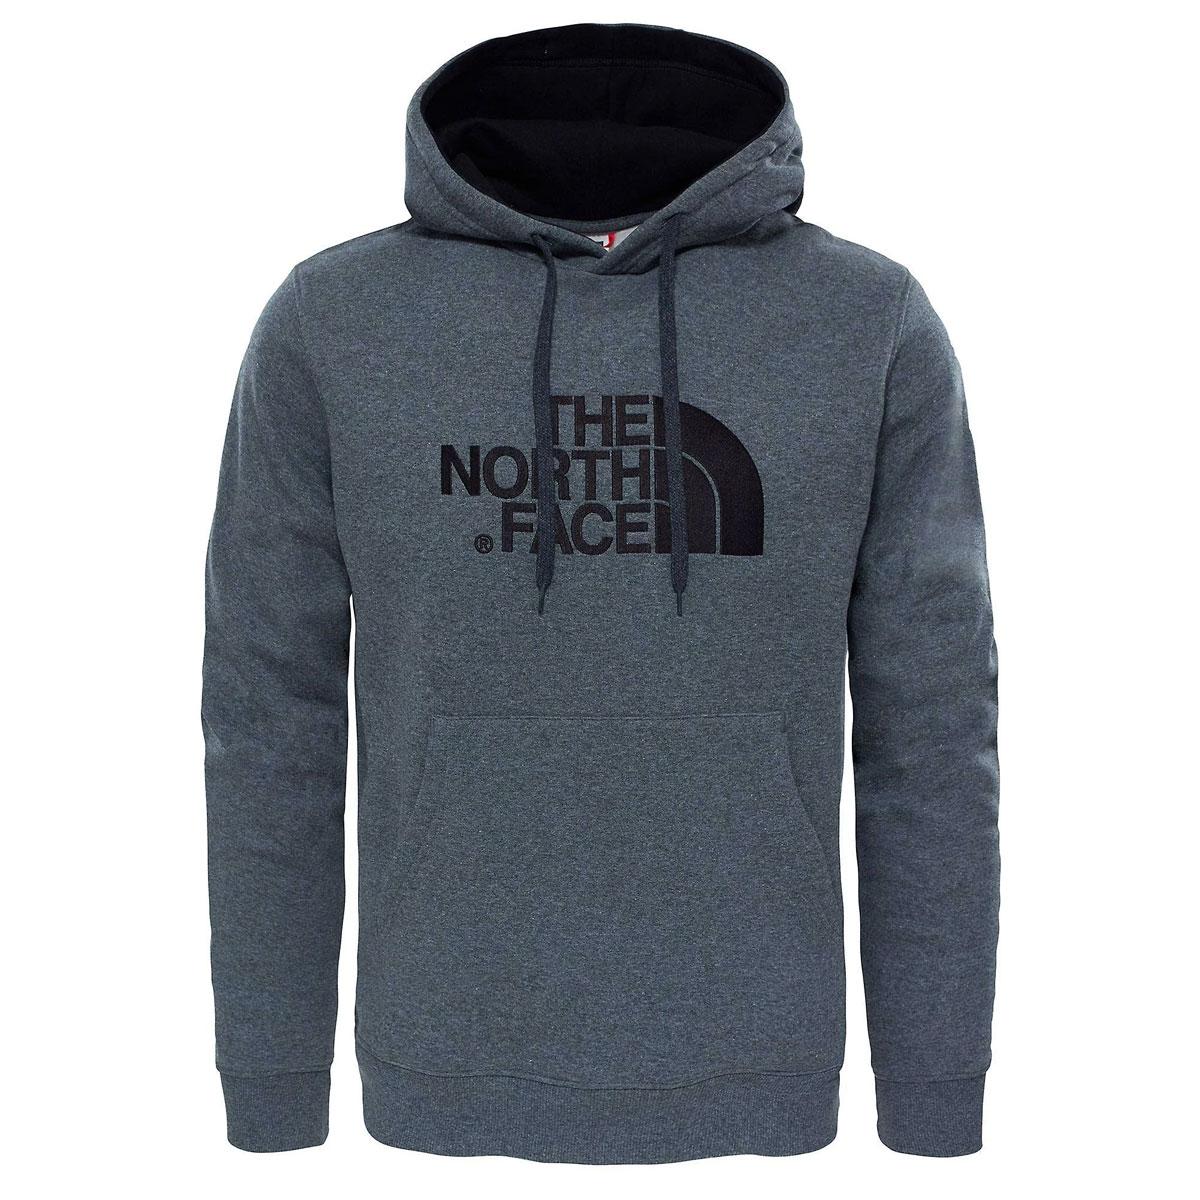 The North Face Drew Peak Hoody Sweater van sweaters en truien